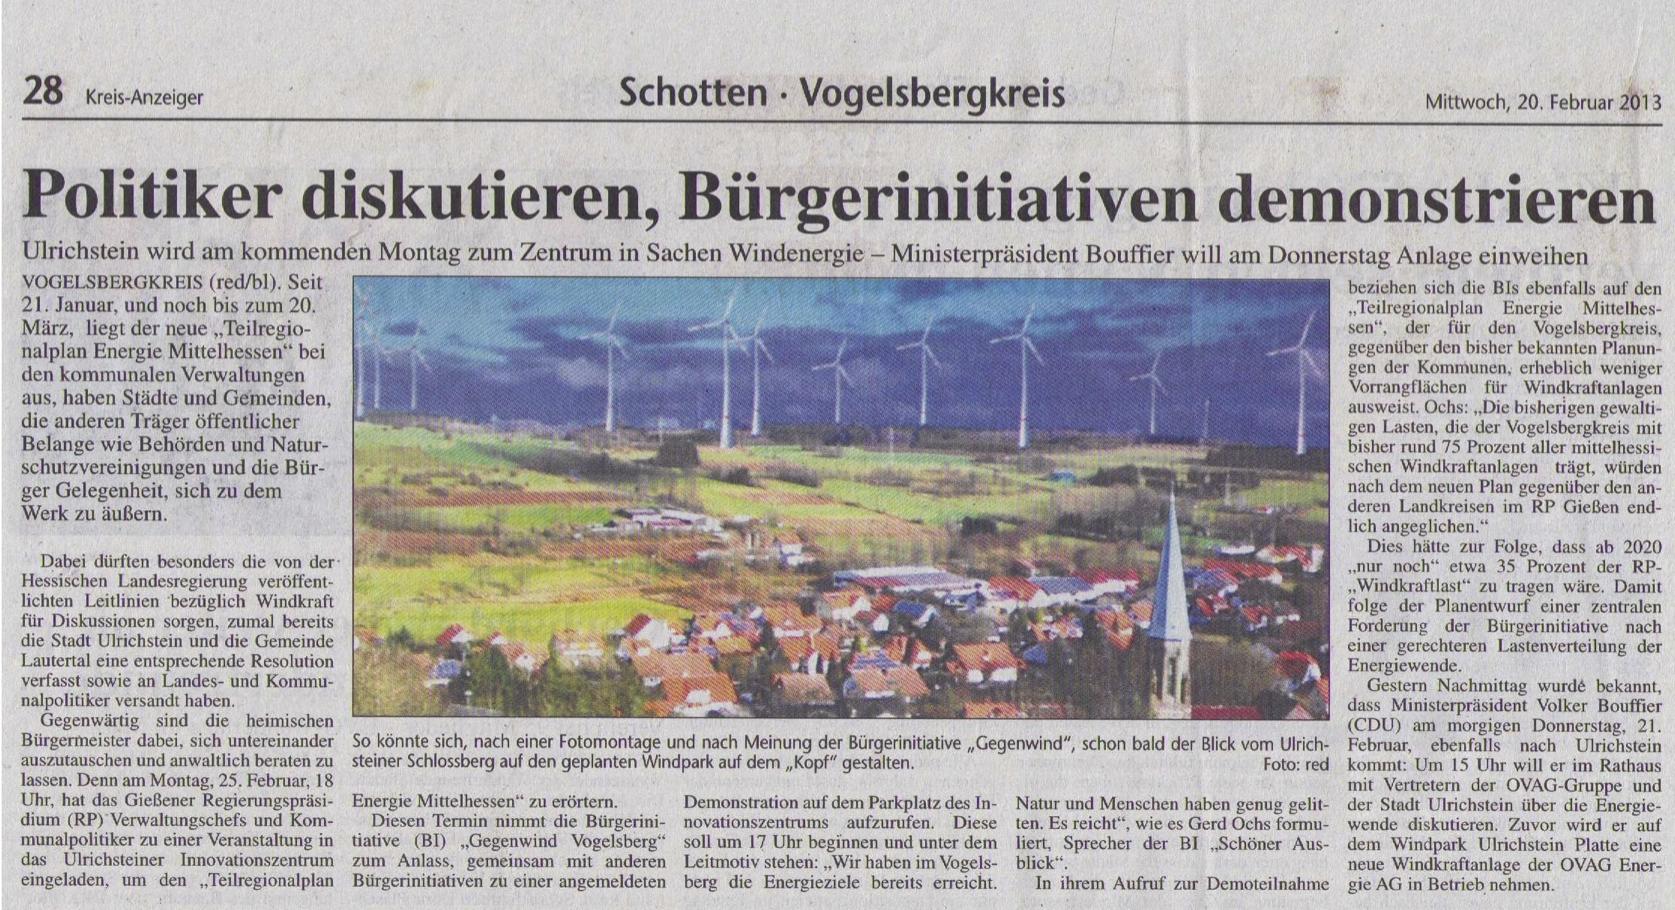 Ankündigung der Windwahn-Demo in Ulrichstein am 25.02.2013 im Kreisanzeiger - kein weiterer Windpark mehr!